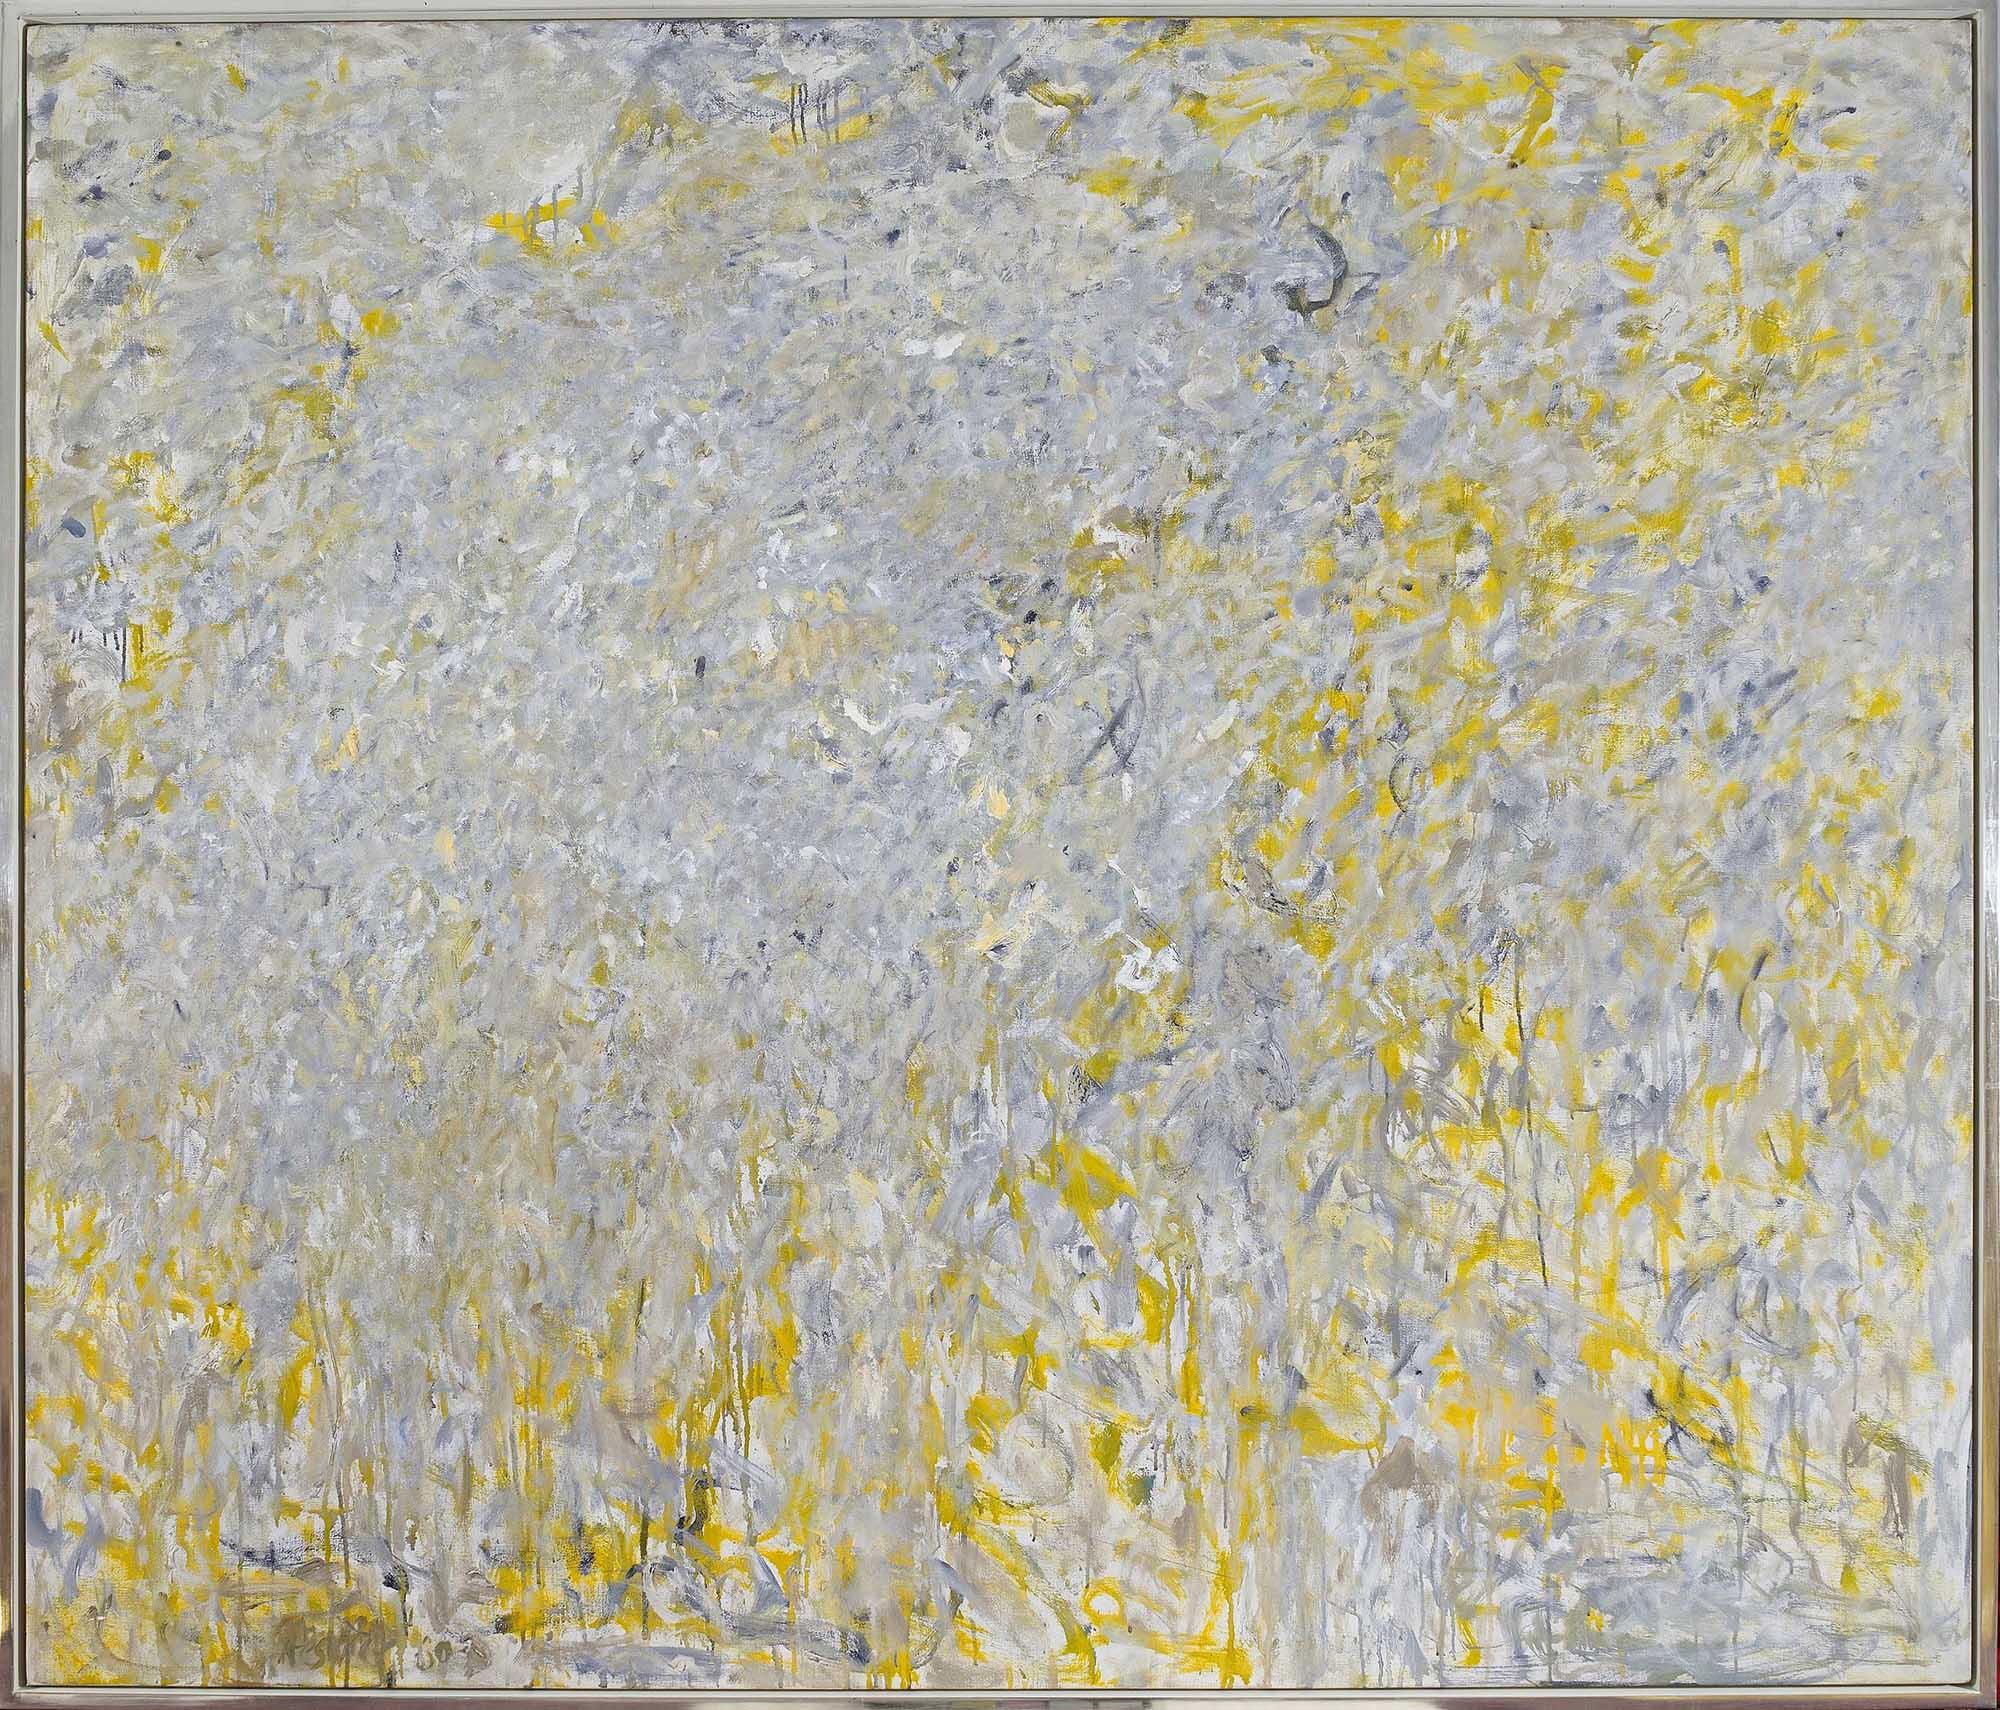 SOLD   Epsilon, 1960 - 61,  oil on canvas, 61 x 70 1/4 inches